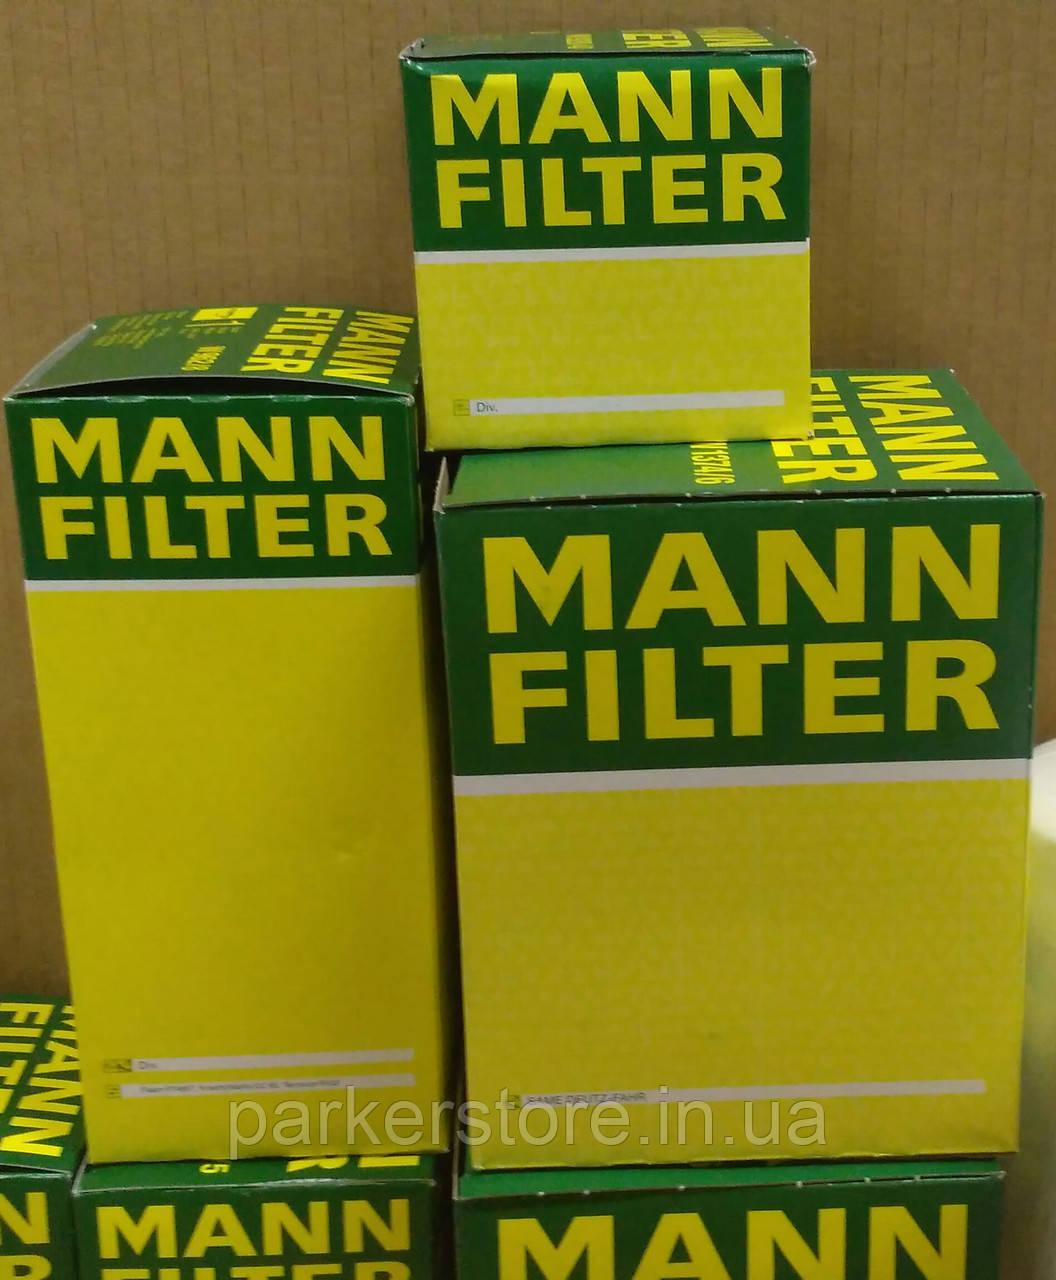 MANN FILTER / Повітряний фільтр / C 2861-2 / C2861-2